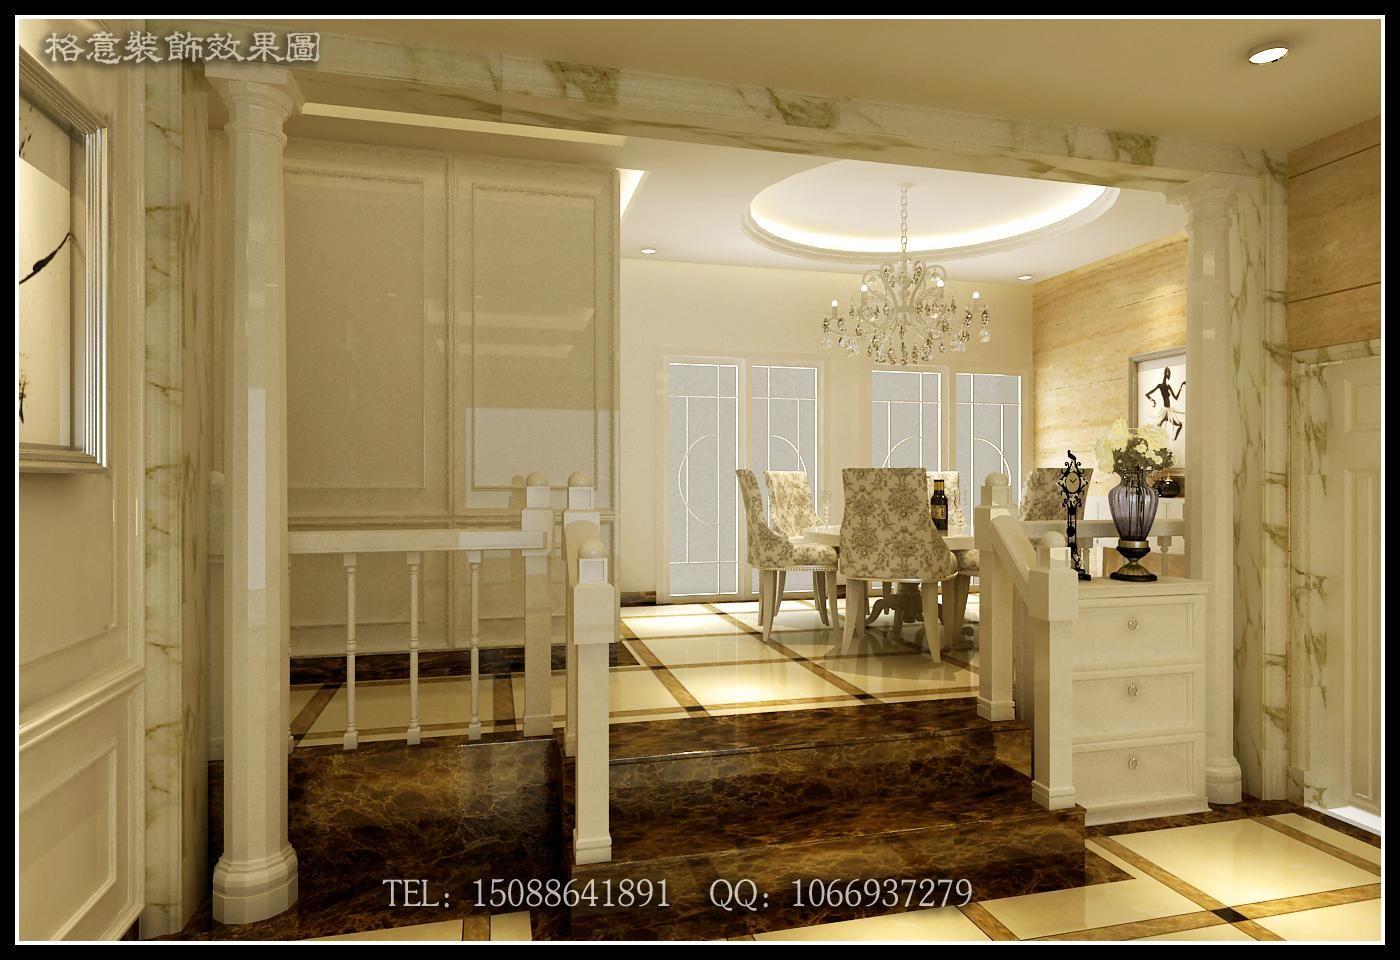 欧式门厅效果图制作    门厅效果图制作    客厅效果图制作现代风格